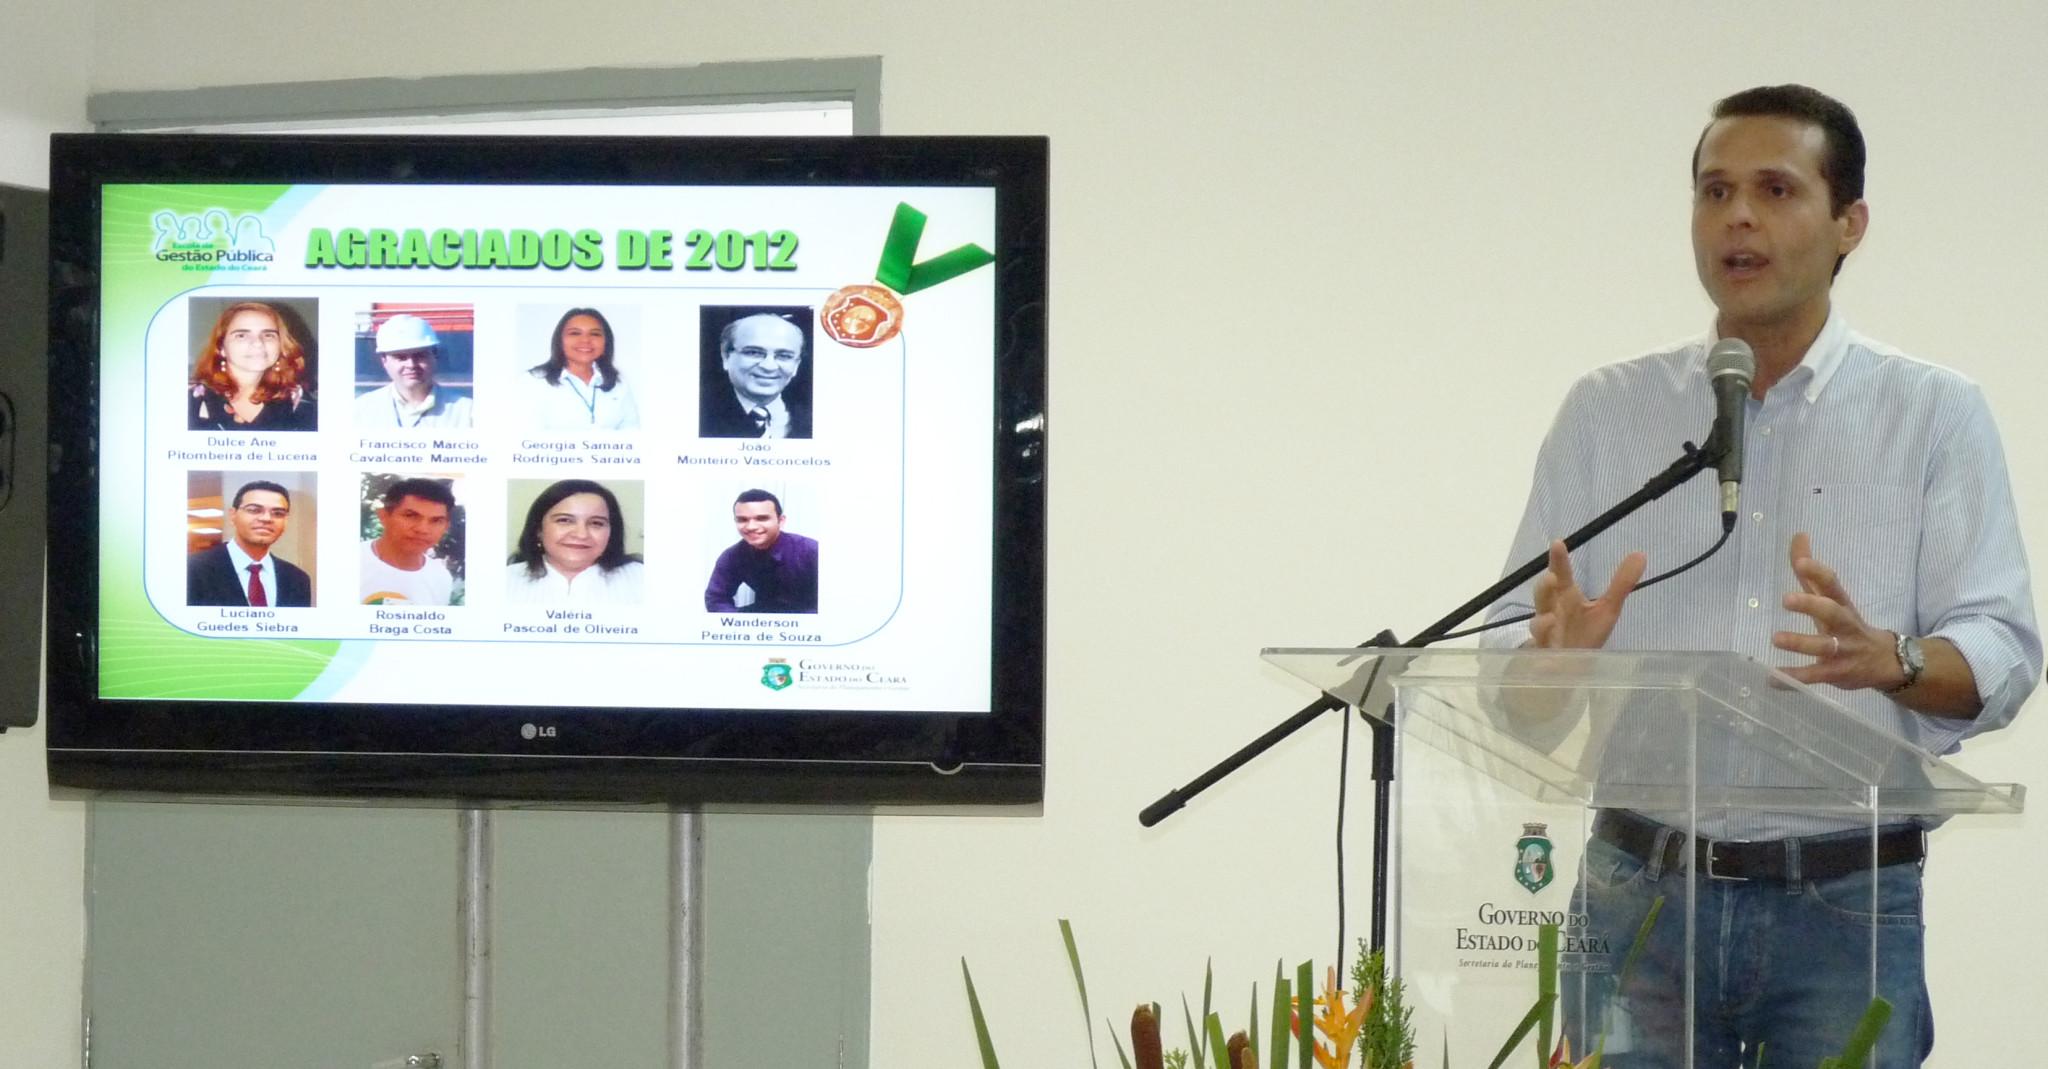 25-10-2012 - Medalha do Mérito Funcional 2012 - Centro de Convivência do Servidor Público (6)